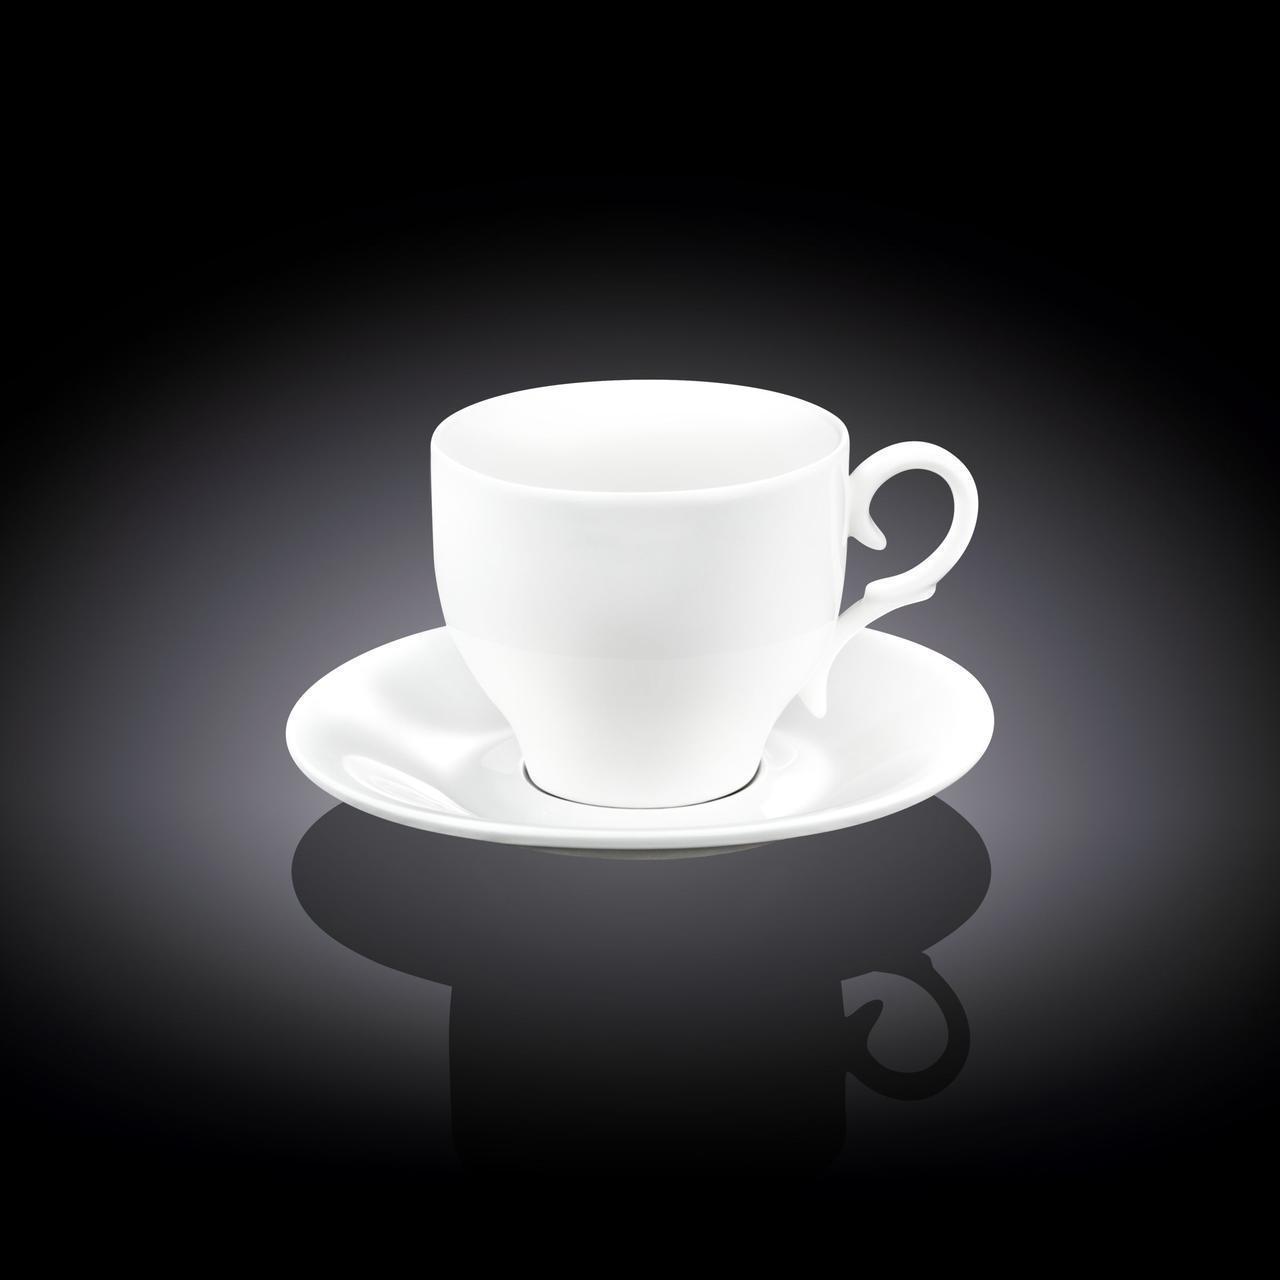 Чашка чайная и блюдце Wilmax 330 мл WL-993105